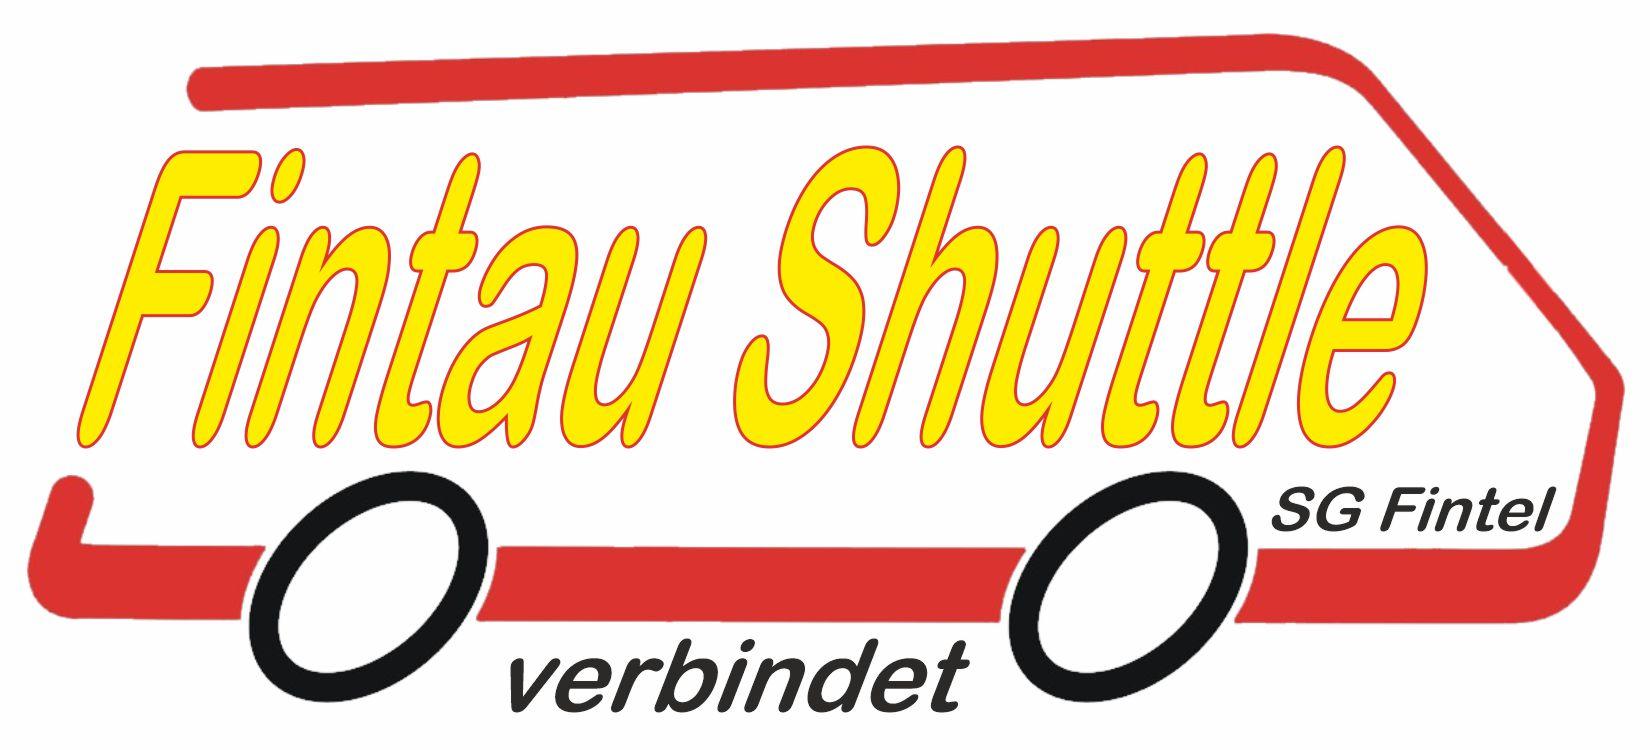 Fintau Shuttle